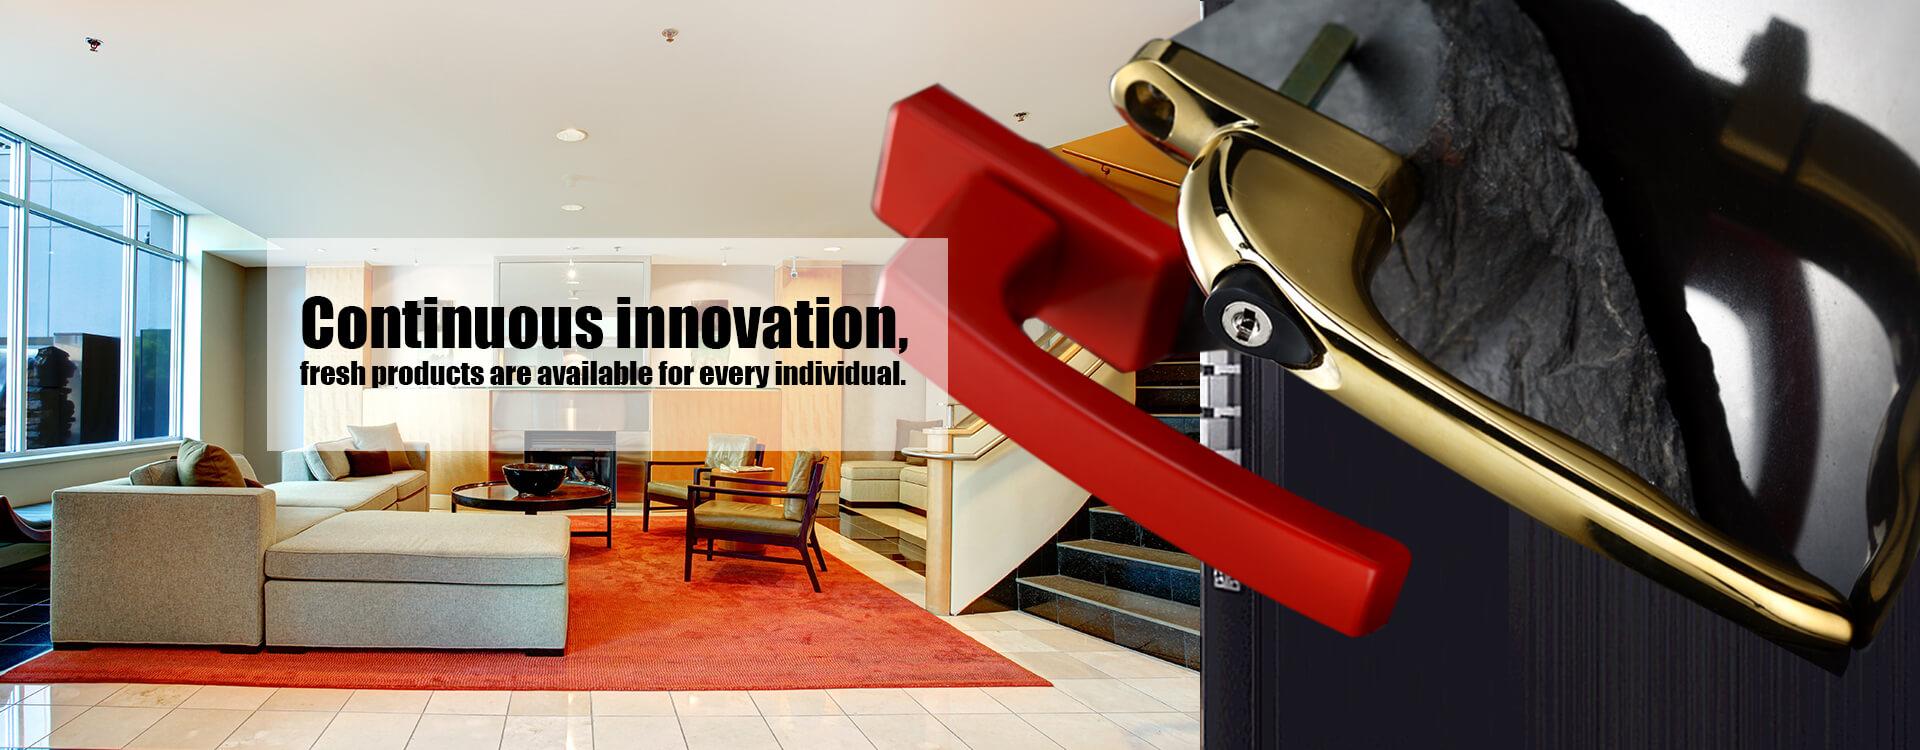 Постоянные инновации, свежие продукты доступны для каждого человека